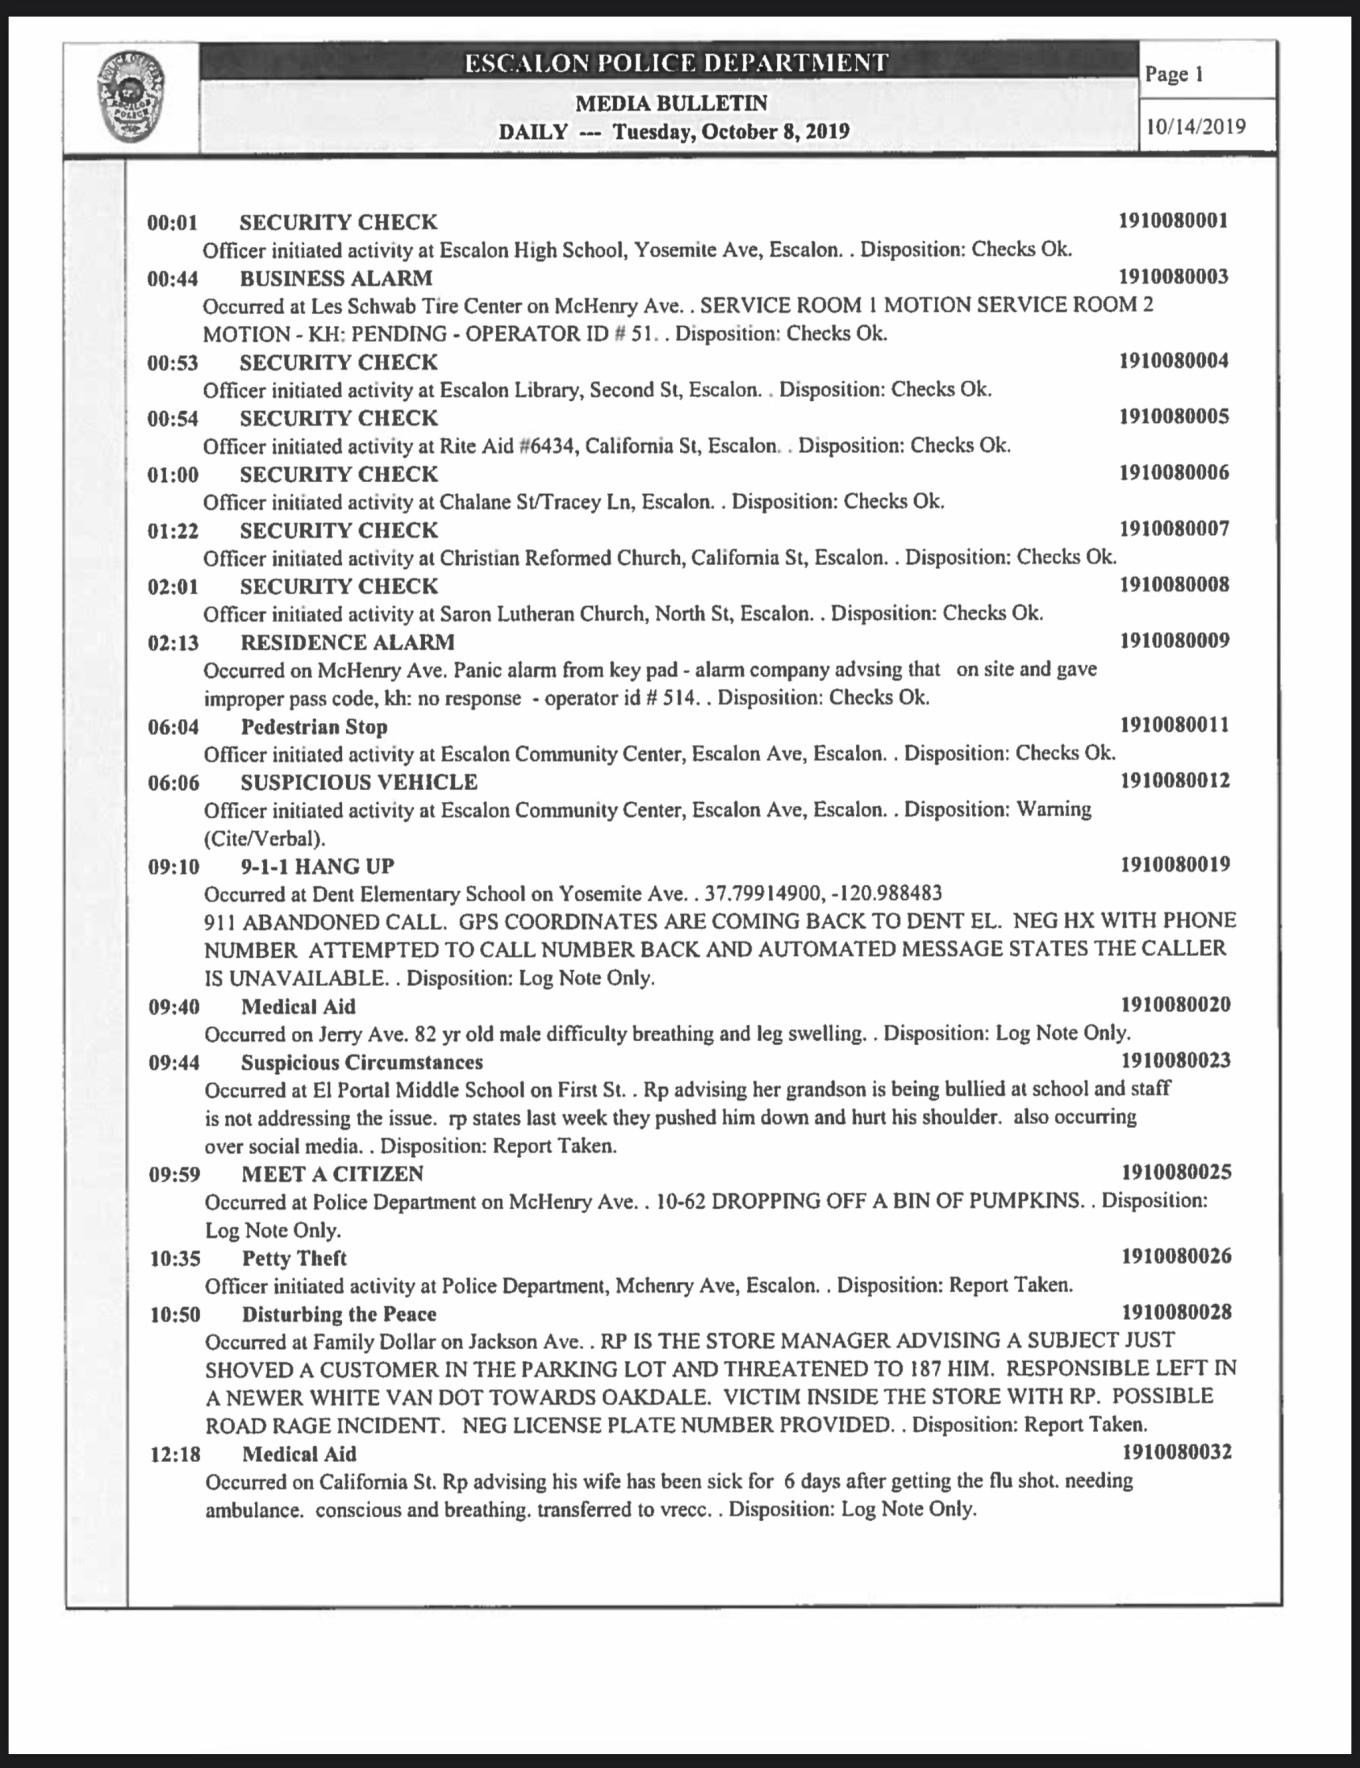 AB282970-1141-4EC9-BBEA-970D7E6AC35C